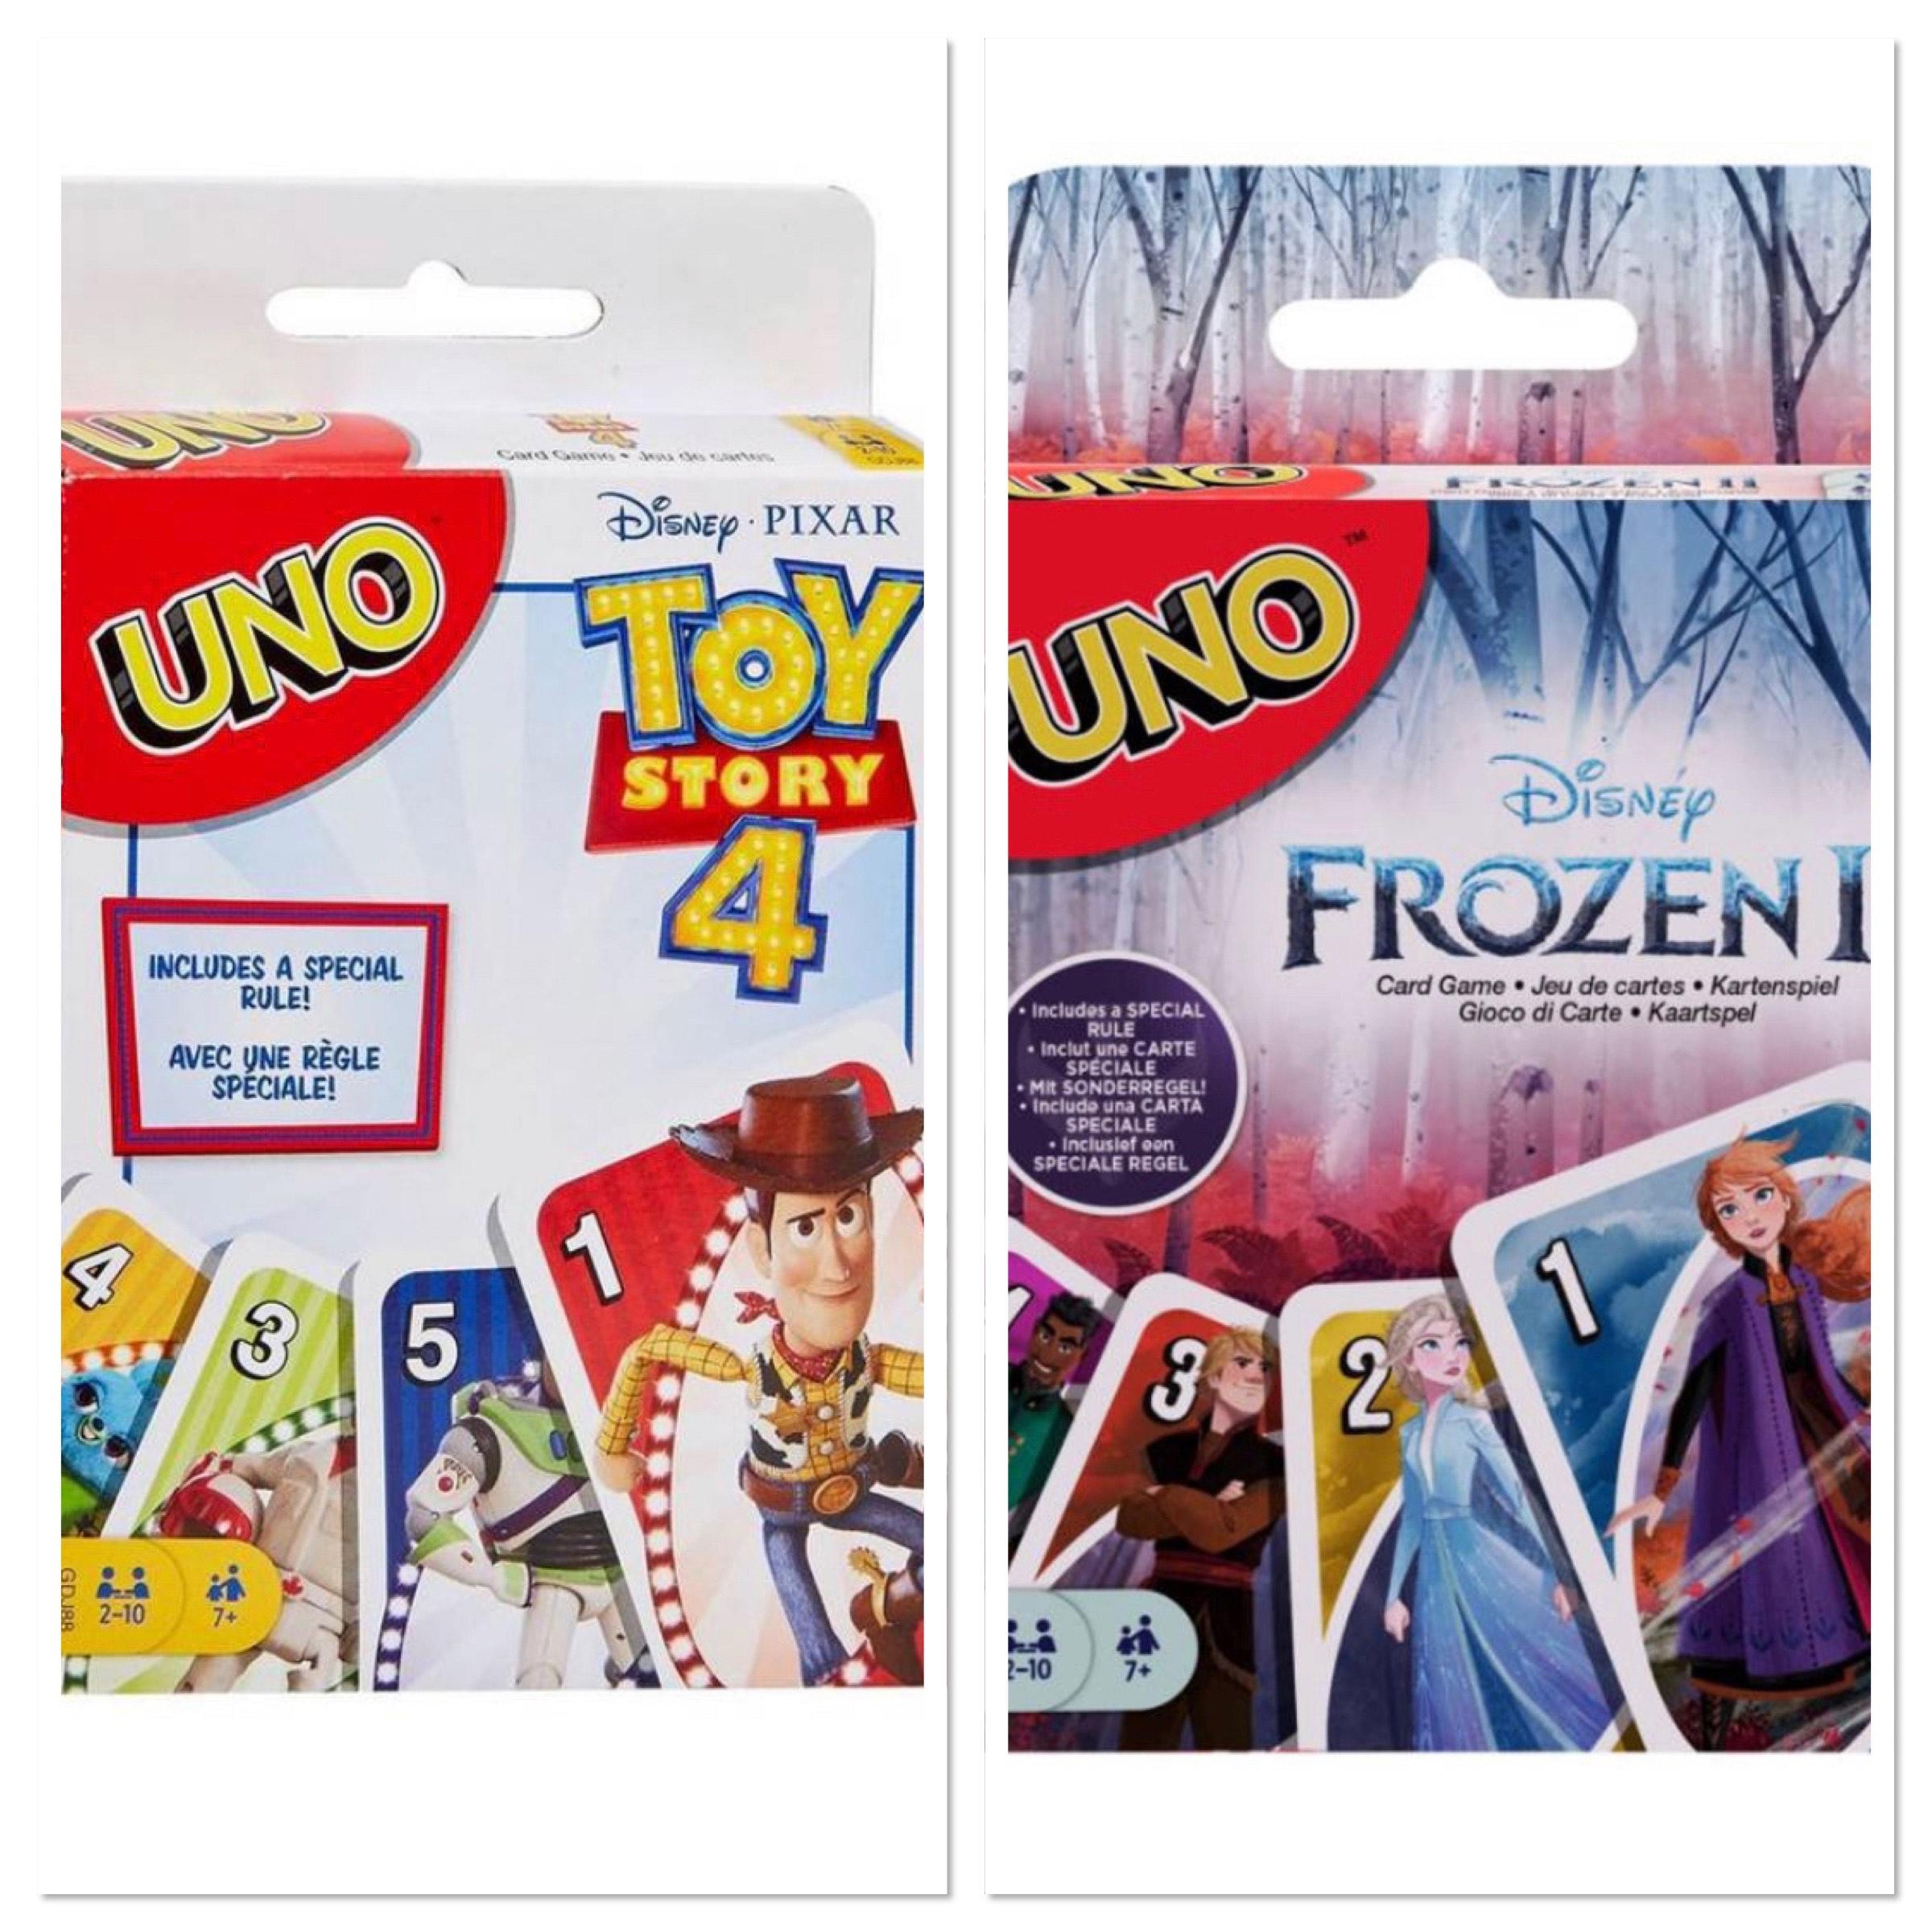 Uno Toy story 4 en uno Frozen 2 (per stuk)